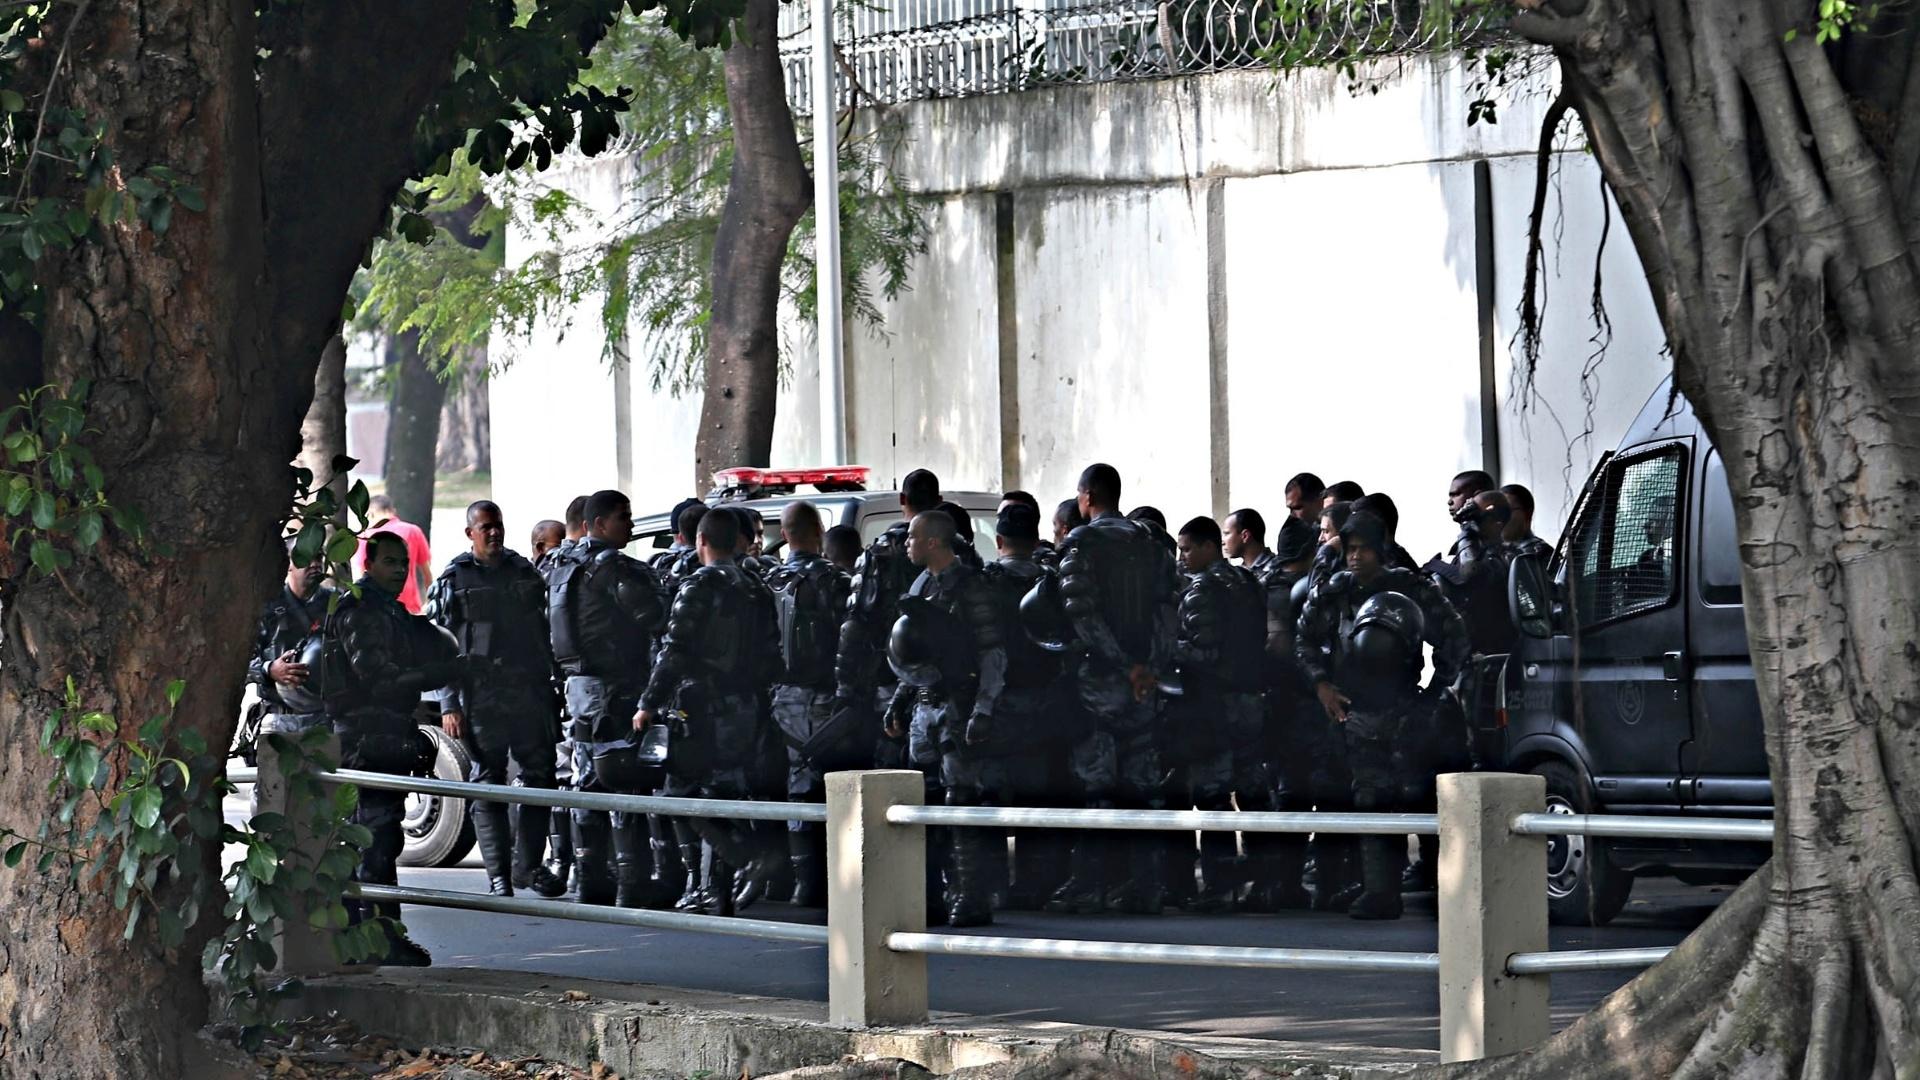 20.junho.2013 - Polícia se posiciona no entorno do Maracanã